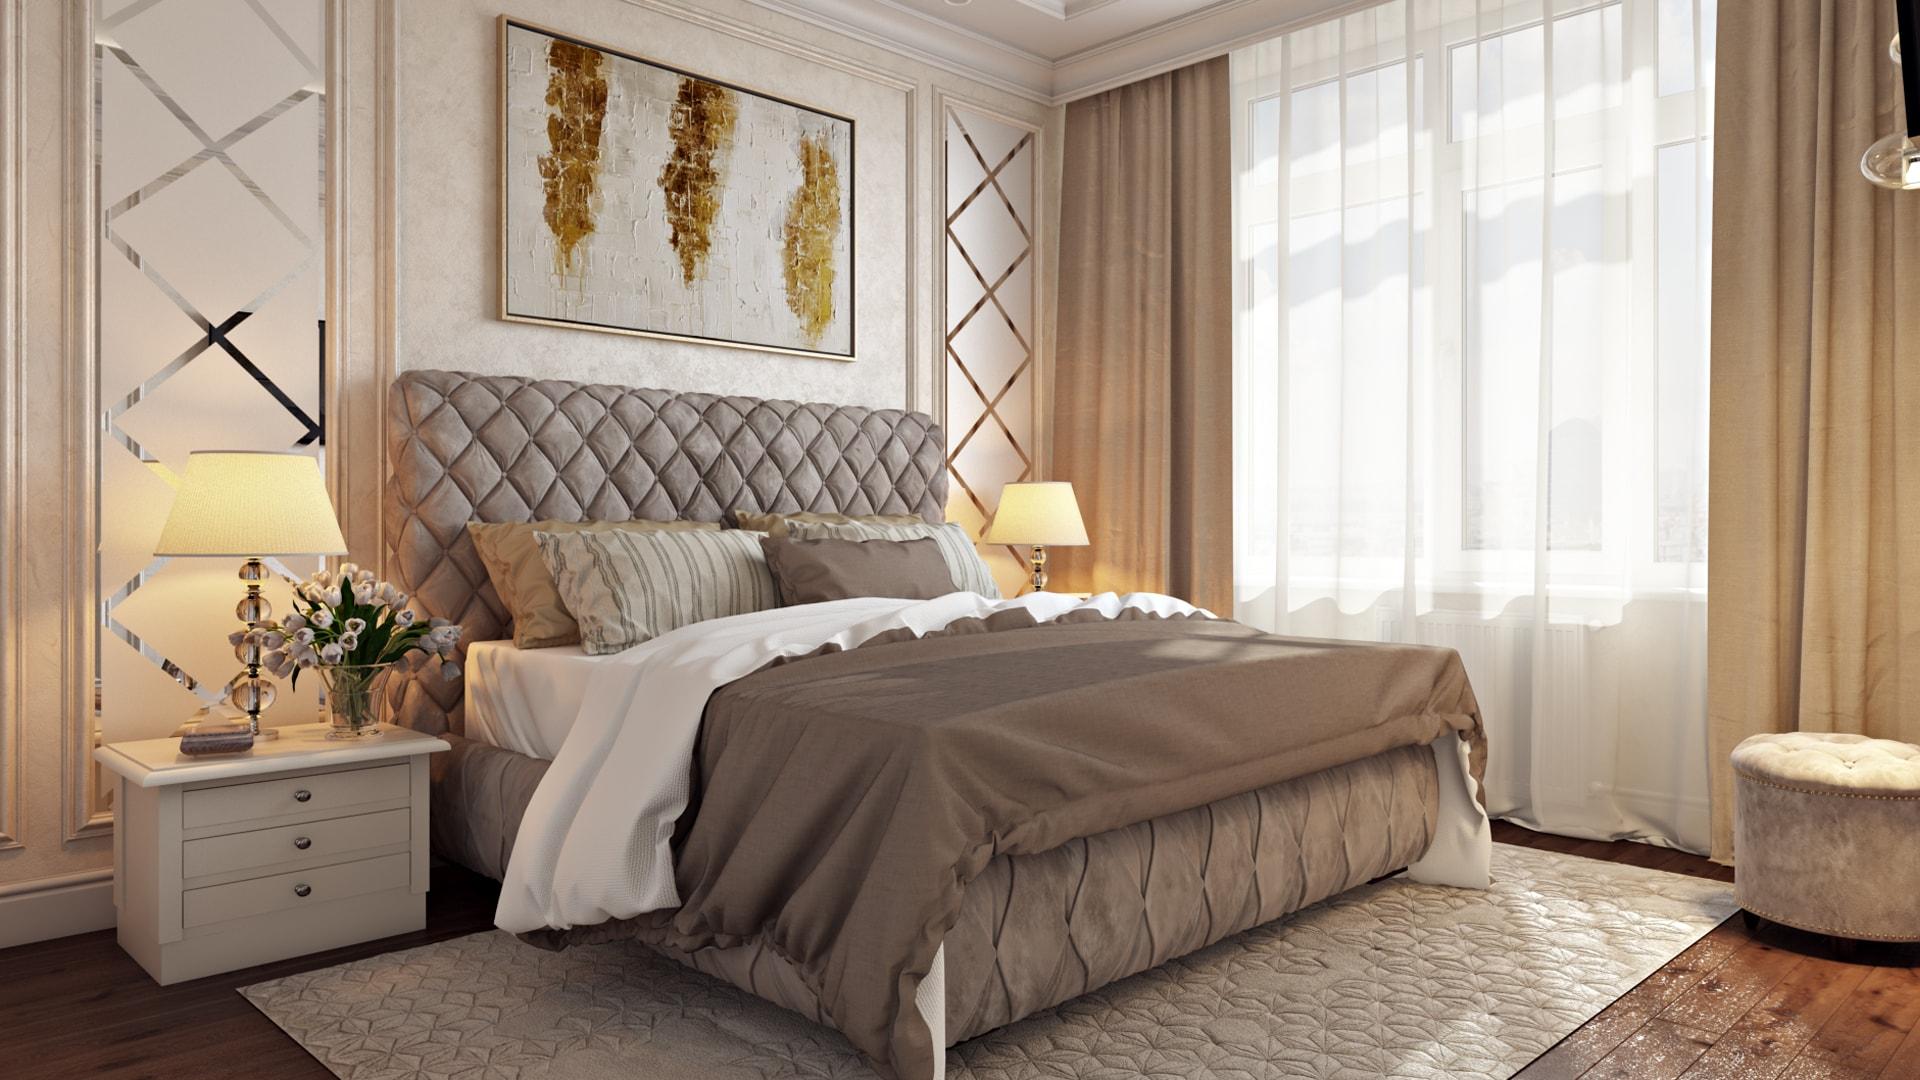 Кровать с высоким изголовьем в спальне: дизайн-проект интерьера квартиры